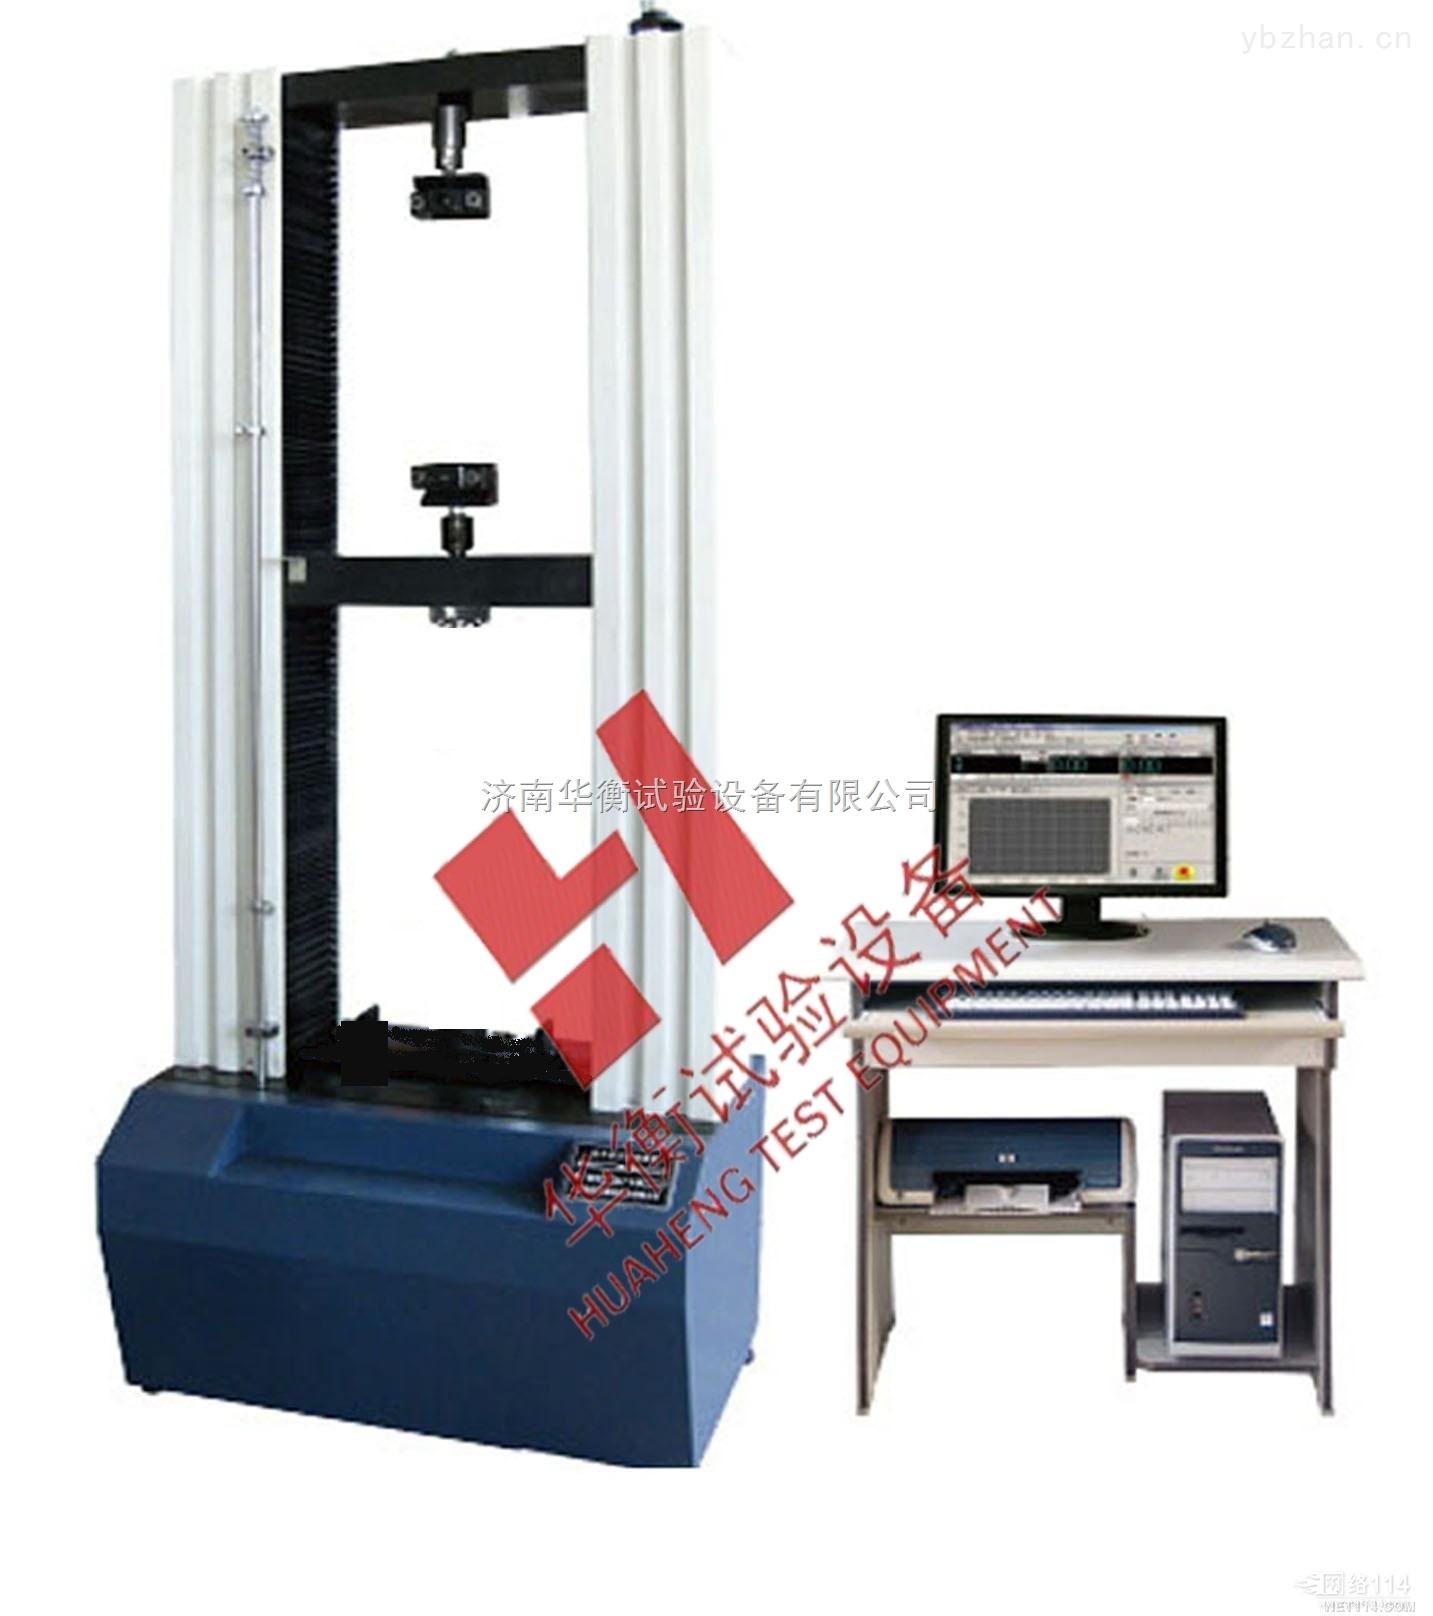 WDW-保温材料检测设备保温材料试验机保温材料万能试验机